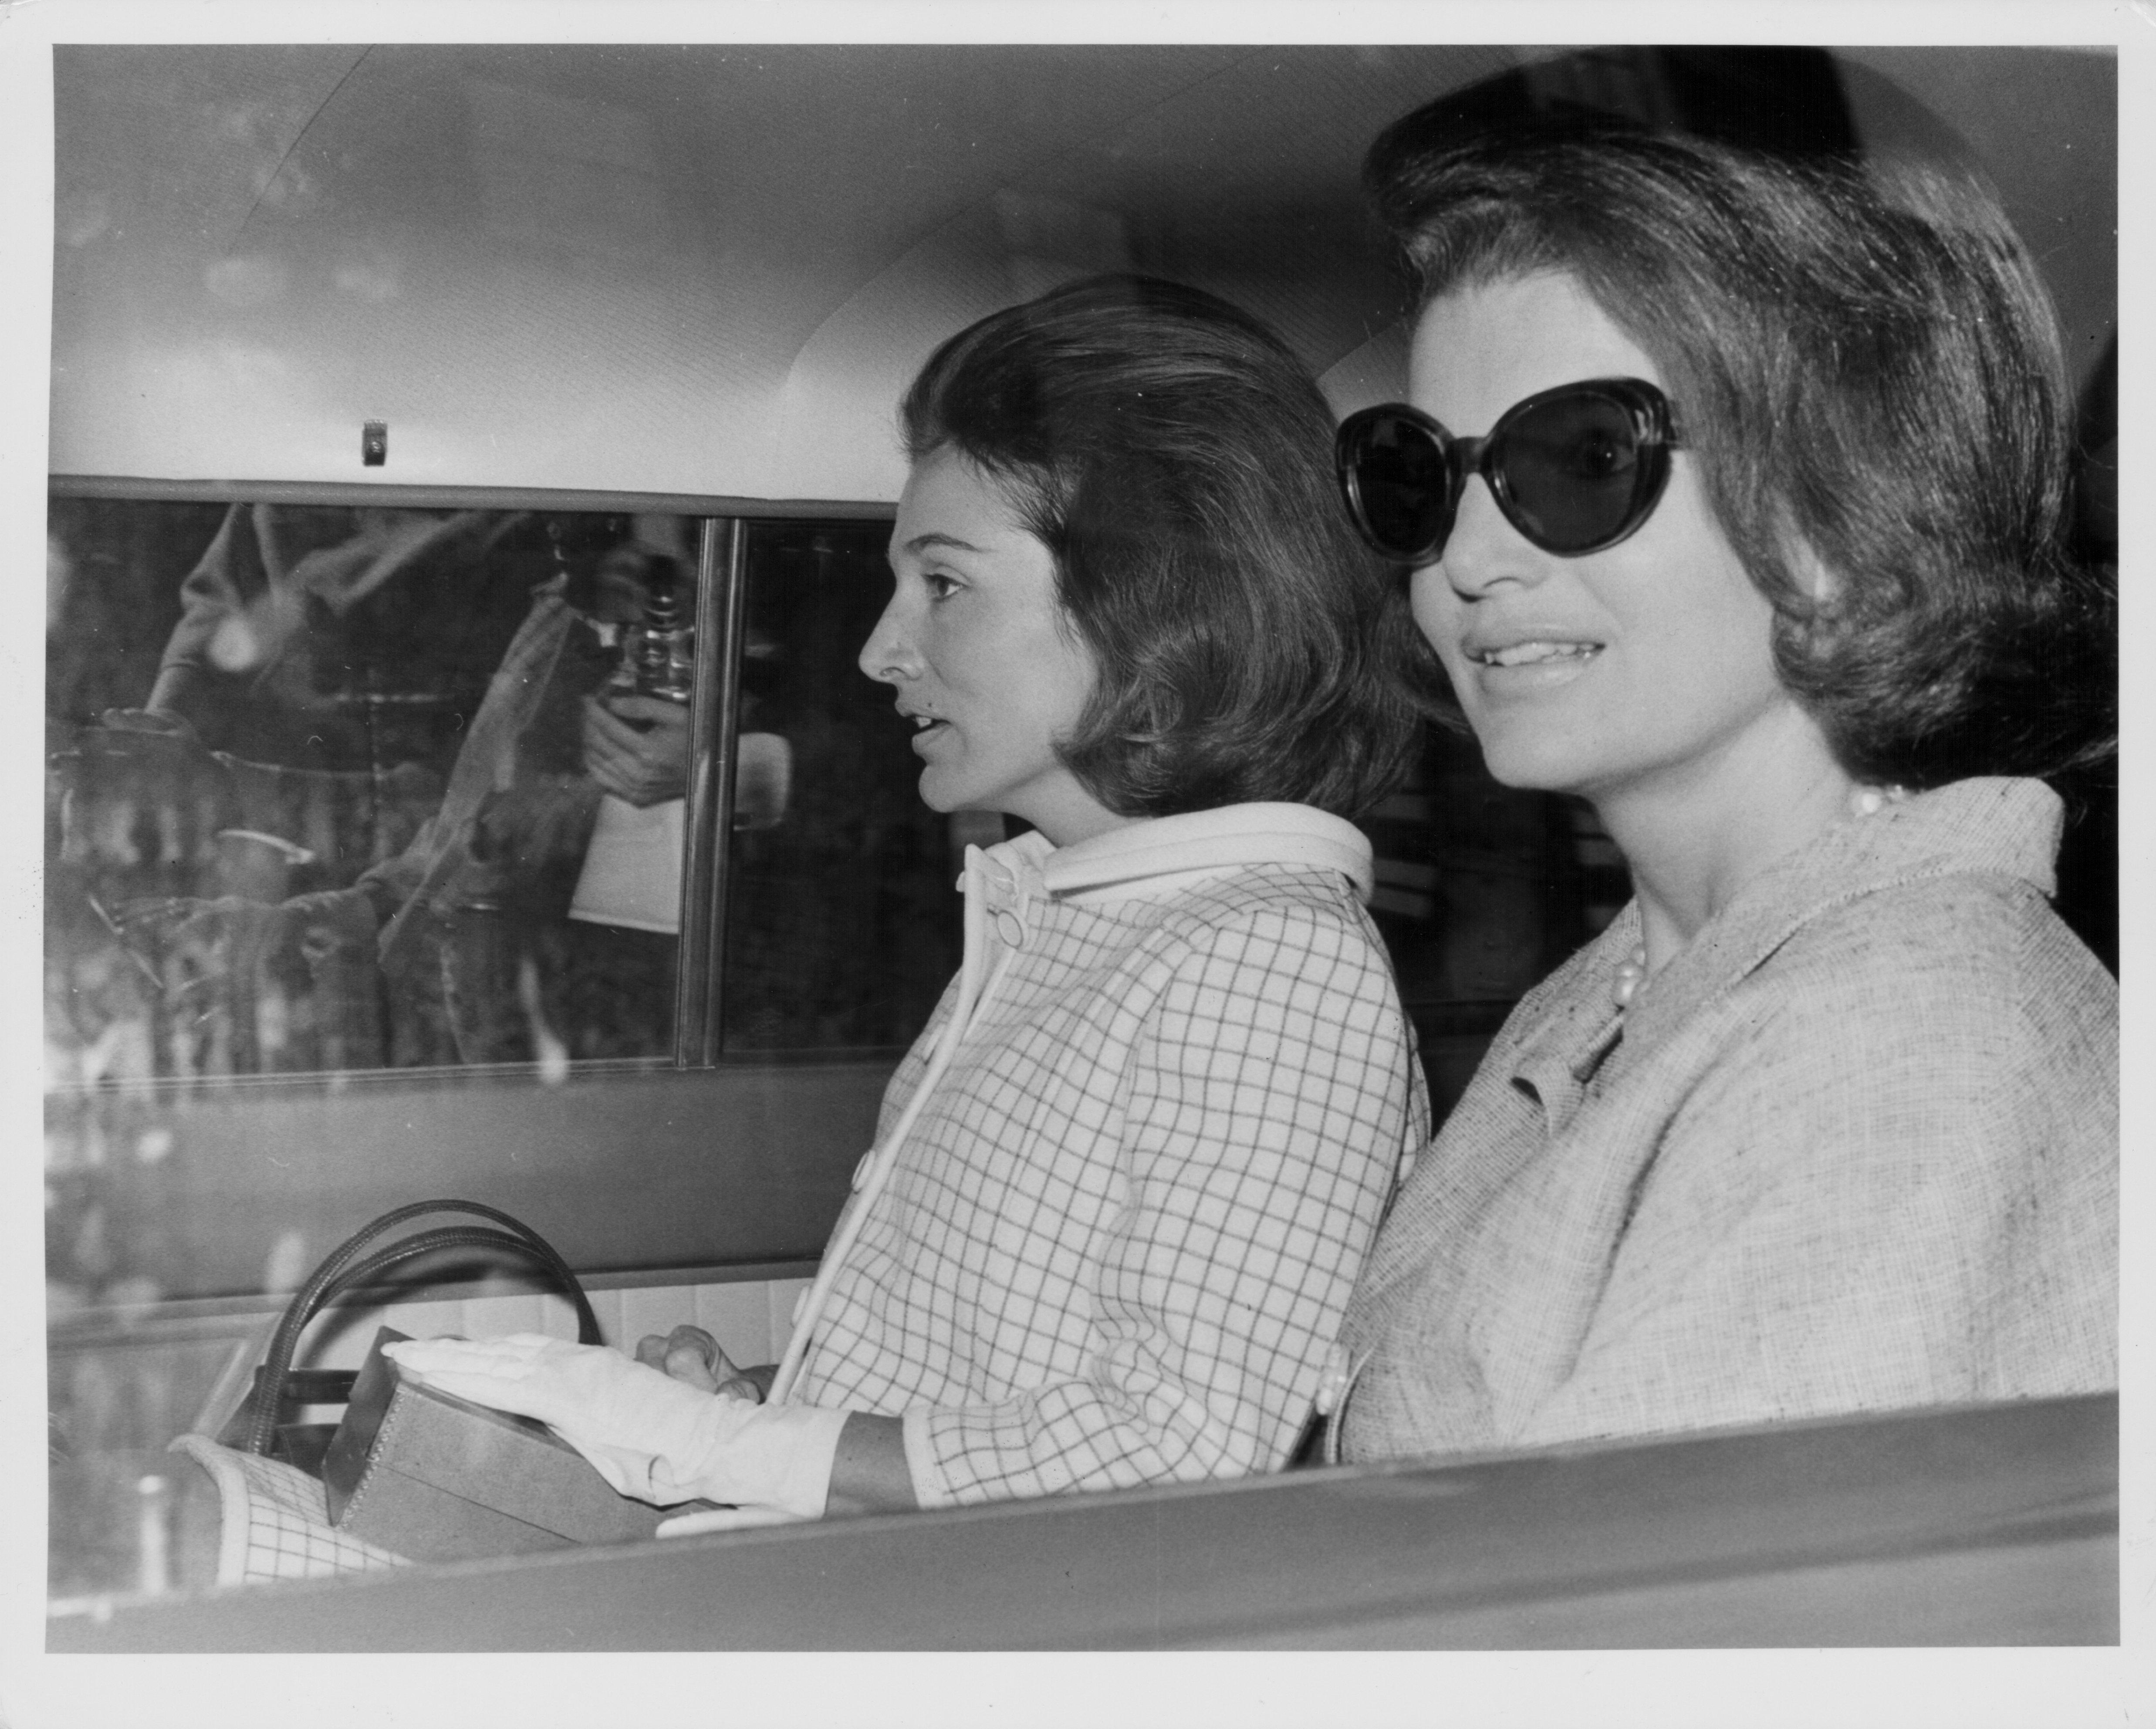 Λι Ράτζιβιλ: Η αδελφή της Τζάκι Κένεντι και η μυθιστορηματική ζωή μιας